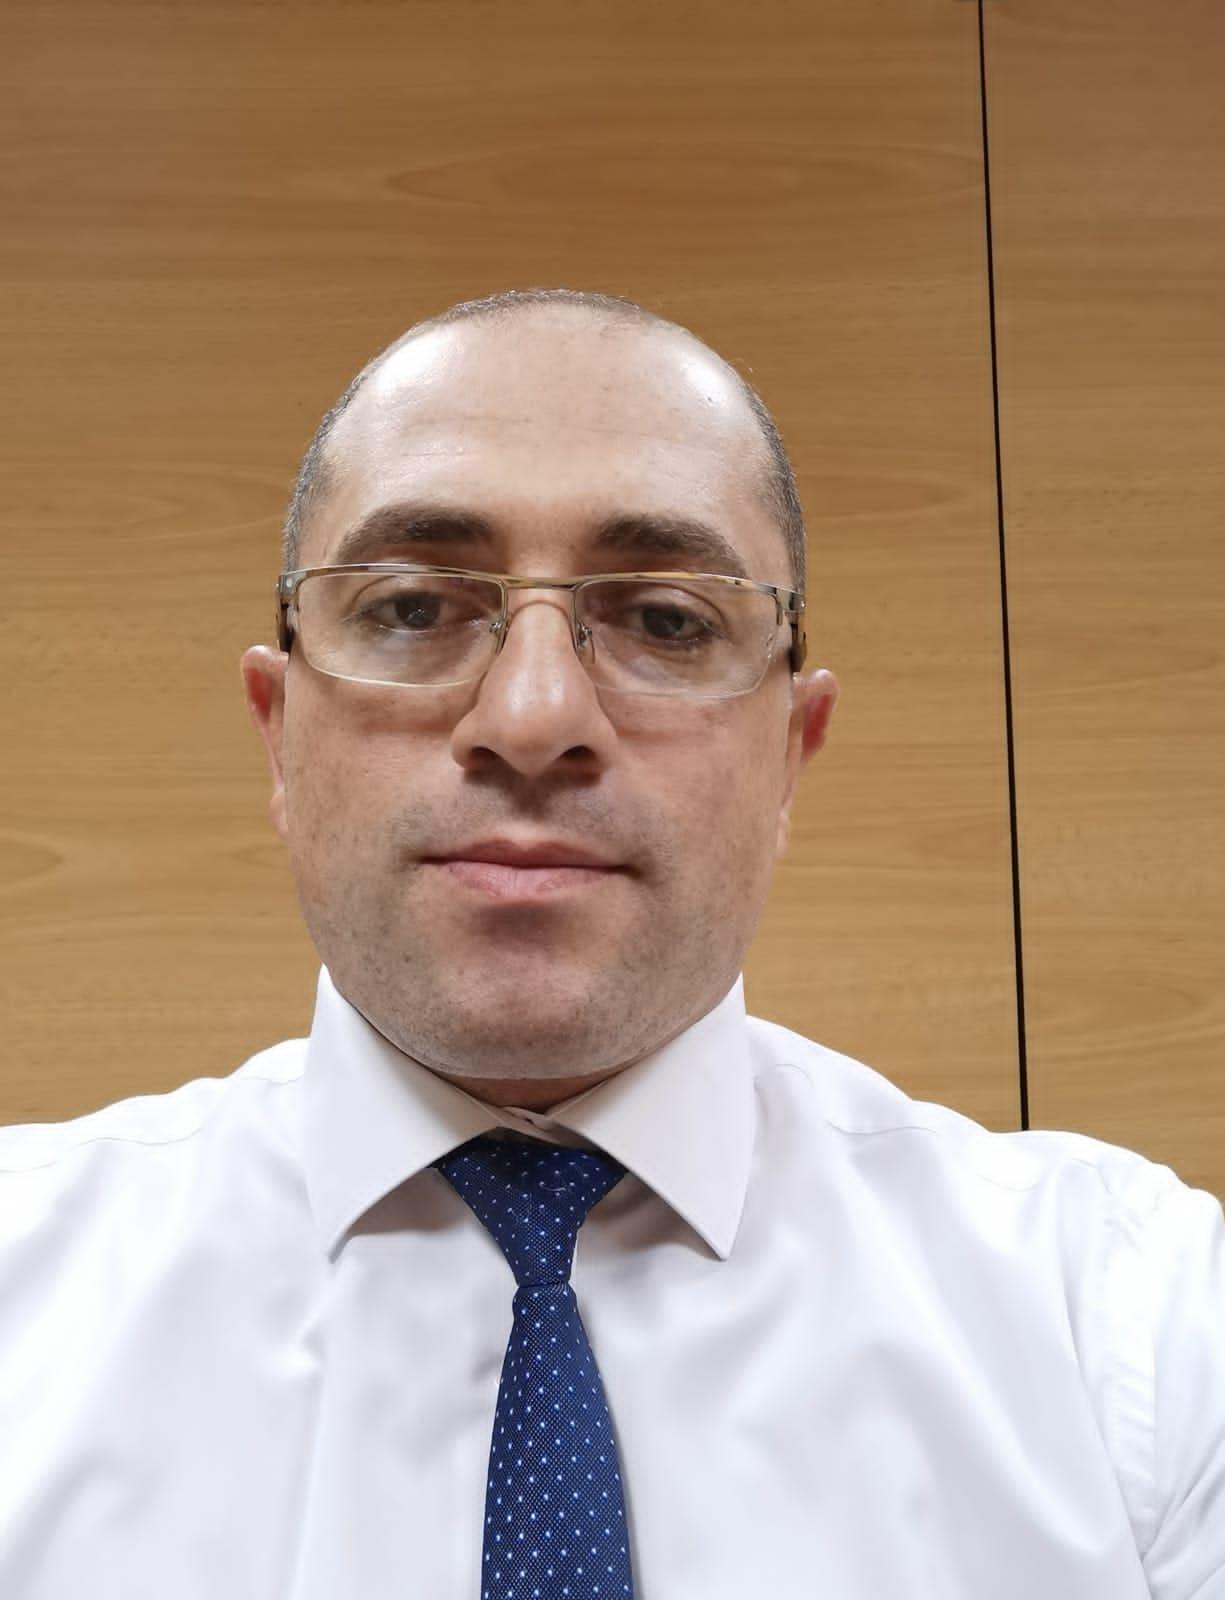 عمر الحسانين